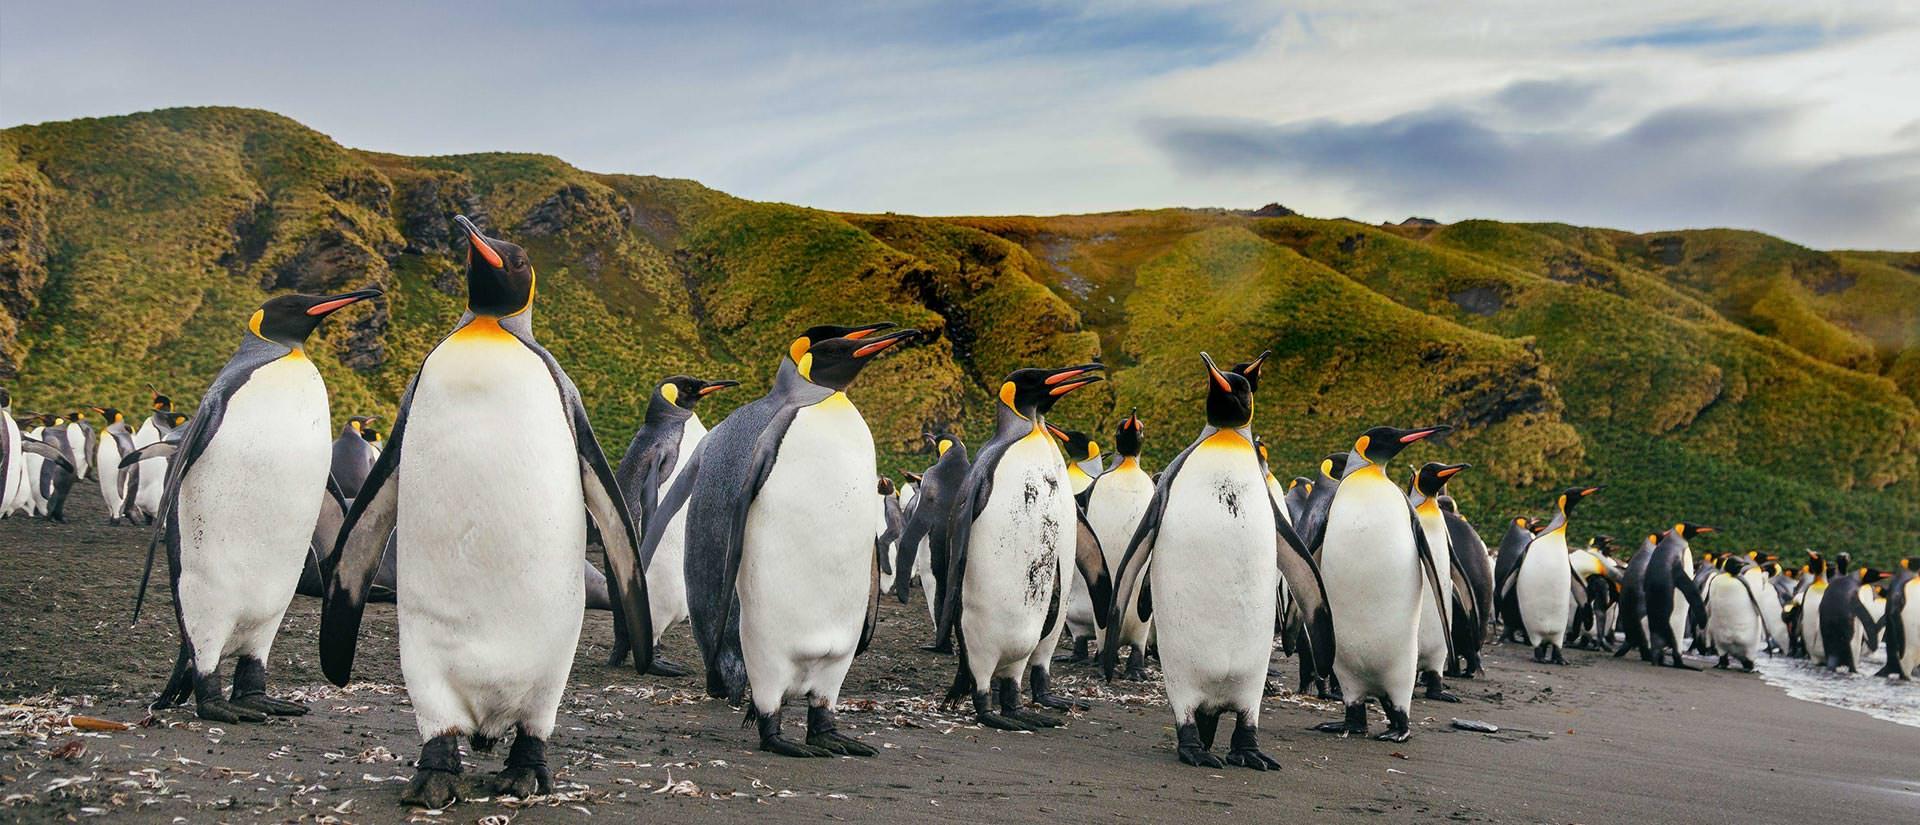 טיול לאנטארקטיקה - 20 יום - אנטארקטיקה, איי פוקלנד וג'ורג'יה הדרומית